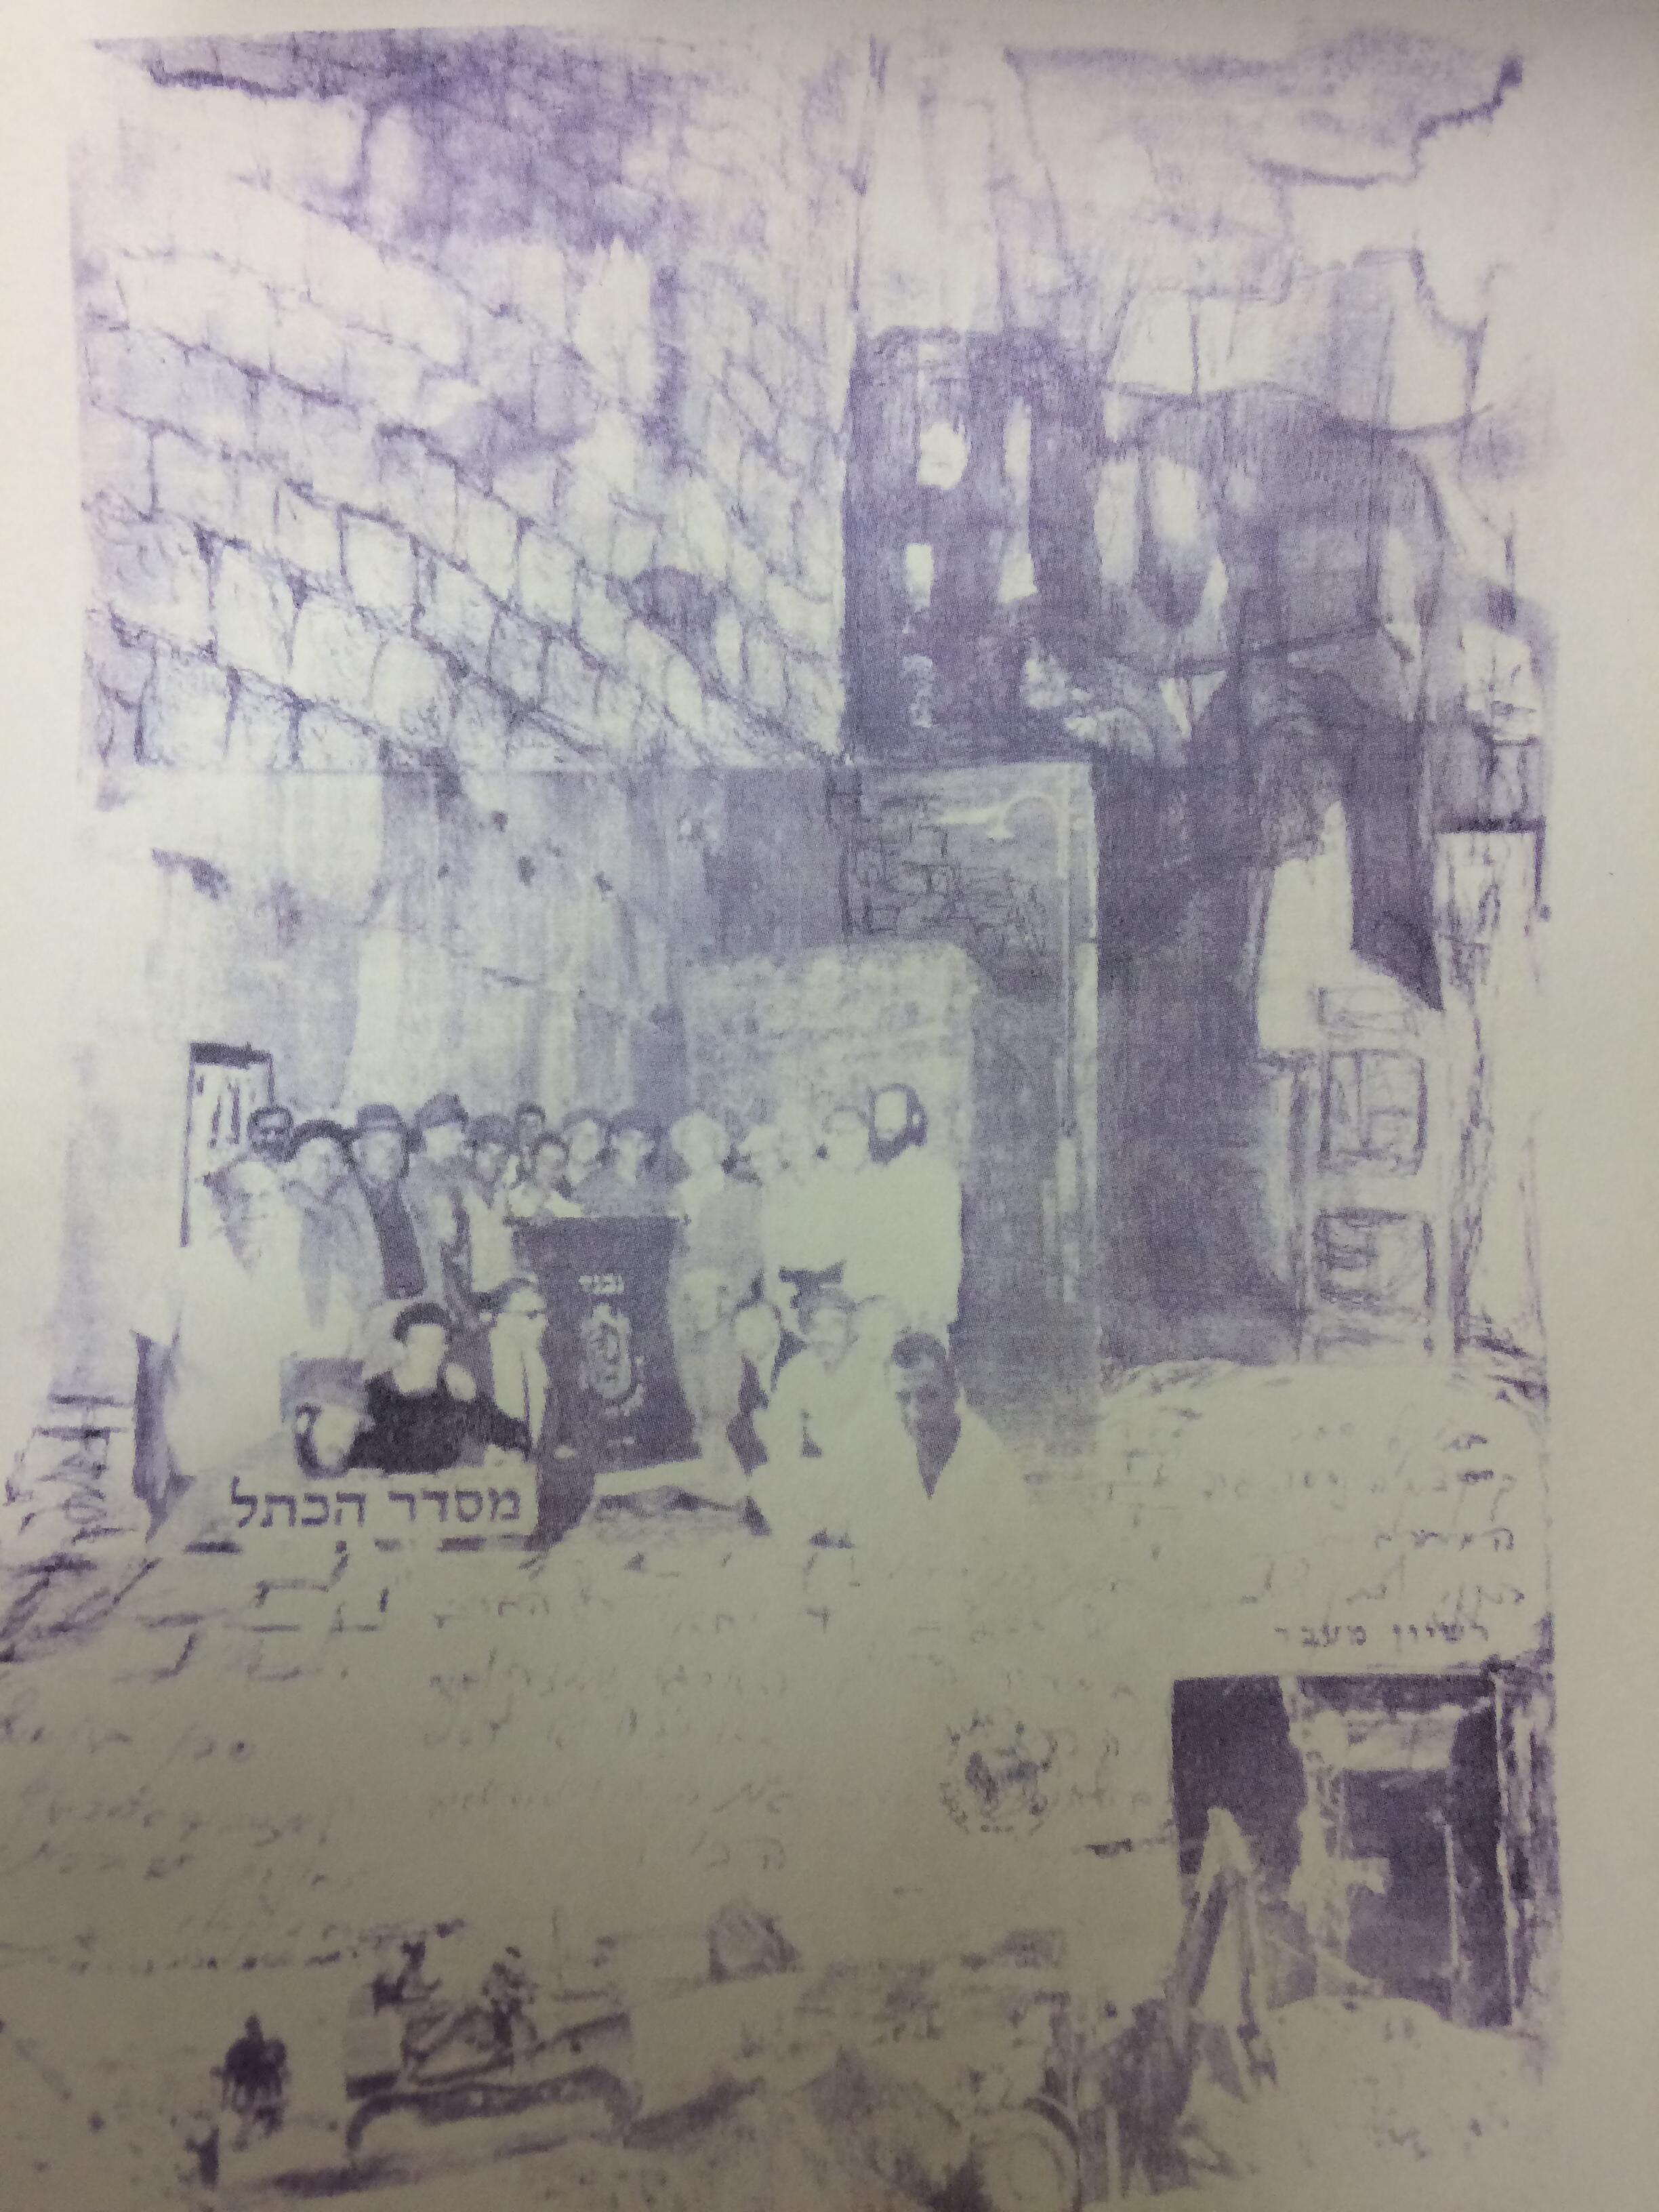 Collage créé par Léa Majaro-Mintz sur ordre de Baruch Barkai, secrétaire de l'ordre du Kotel, en 1968.